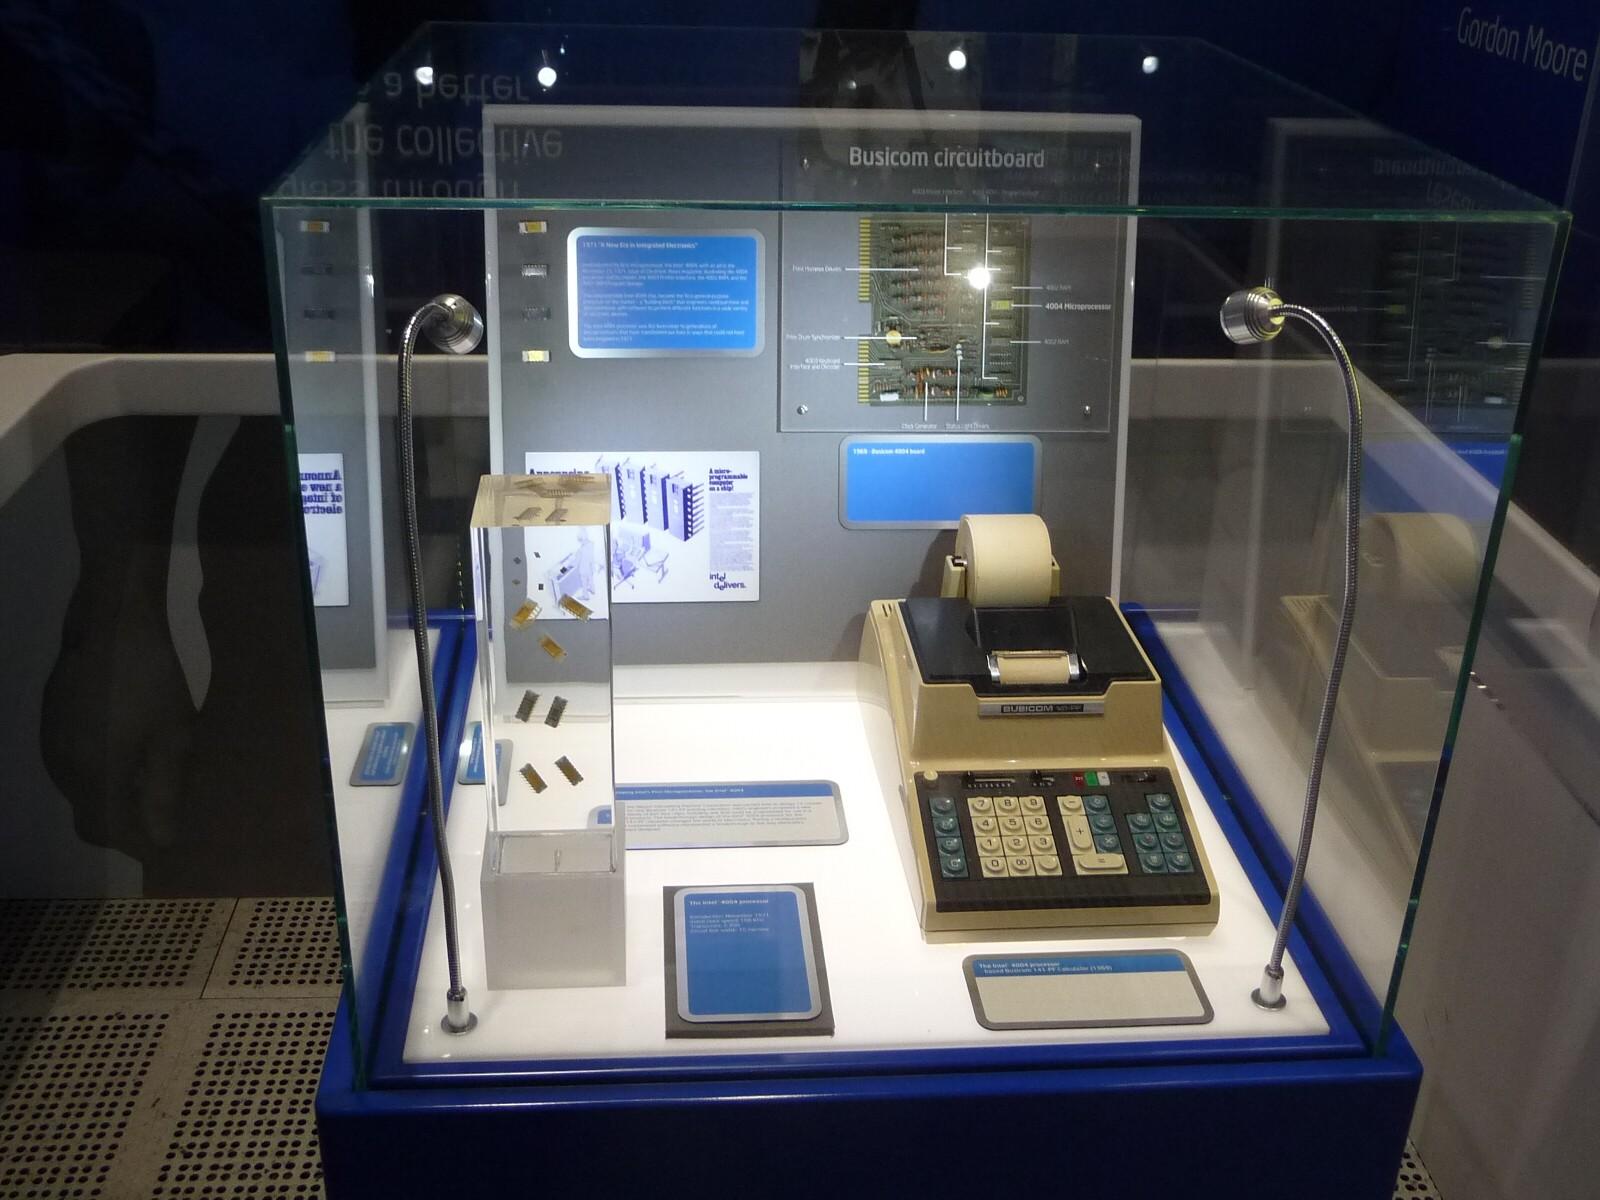 世界初のマイクロプロセッサ「4004」の展示棚。左手前が、「4004」を埋め込んだ樹脂のオブジェ。右手前が、「4004」の開発目的である、プリンタ付きの電子式卓上計算器(desktop calculator)「141-PF」の実物。「141-PF」は、日本の計算器販売会社「ビジコン」が開発した。右奥のプリント基板は、「141-PF」のメインボード。左奥のパッケージ群は、「141-PF」のためにビジコンとIntelが共同開発した「4004」を含む4種類の半導体集積回路。その下にあるのが、電子業界誌「Electronics News」の1971年11月15日号に掲載された、「4004」を含めたチップセットの広告原稿のコピー。2017年6月某日に「インテルミュージアム」で筆者が撮影(以下同じ)